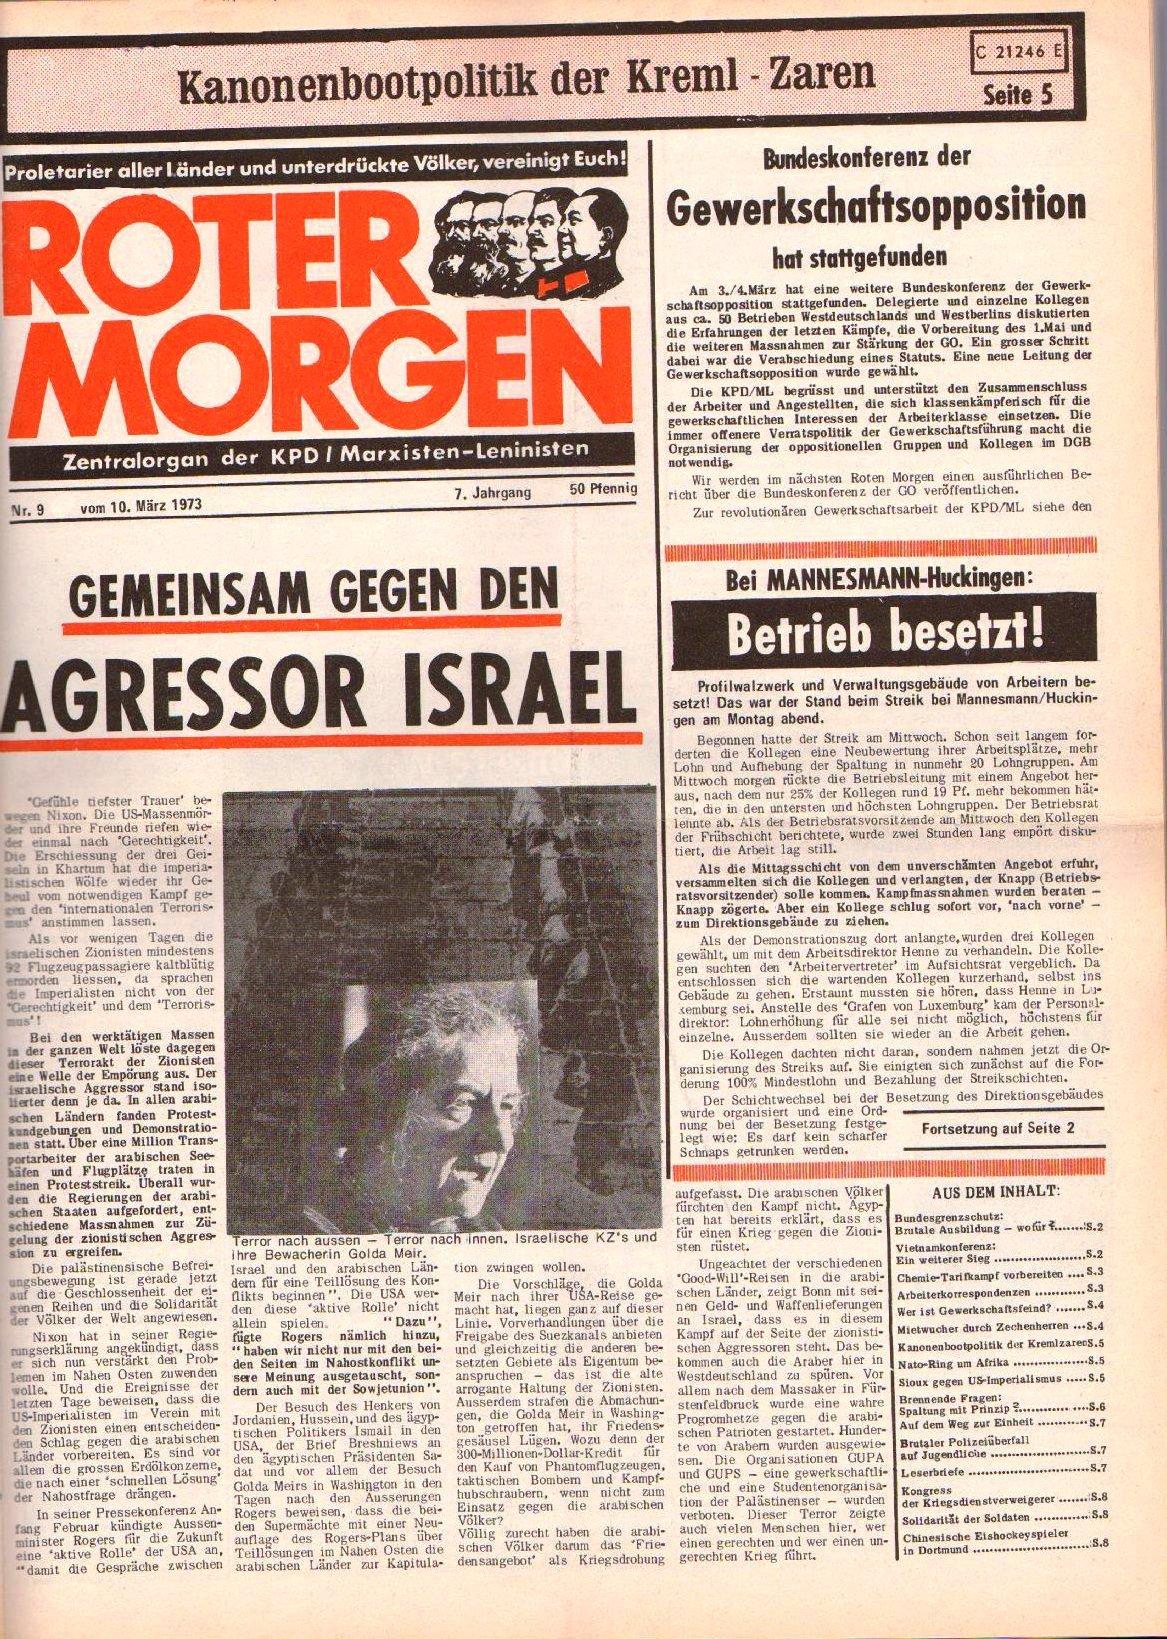 Roter Morgen, 7. Jg., 10. März 1973, Nr. 9, Seite 1